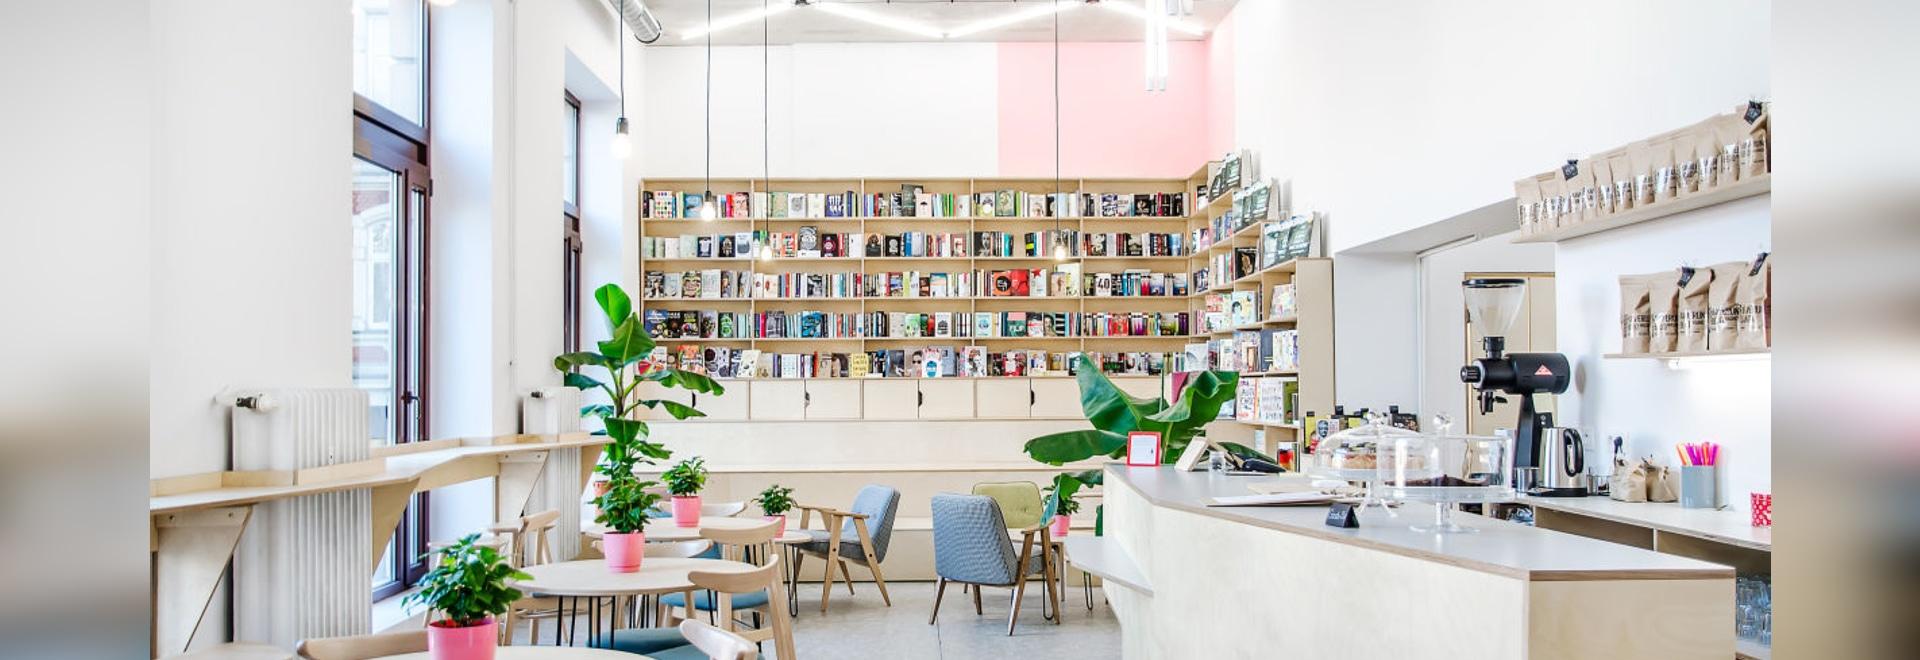 Ce café en Pologne est également une librairie